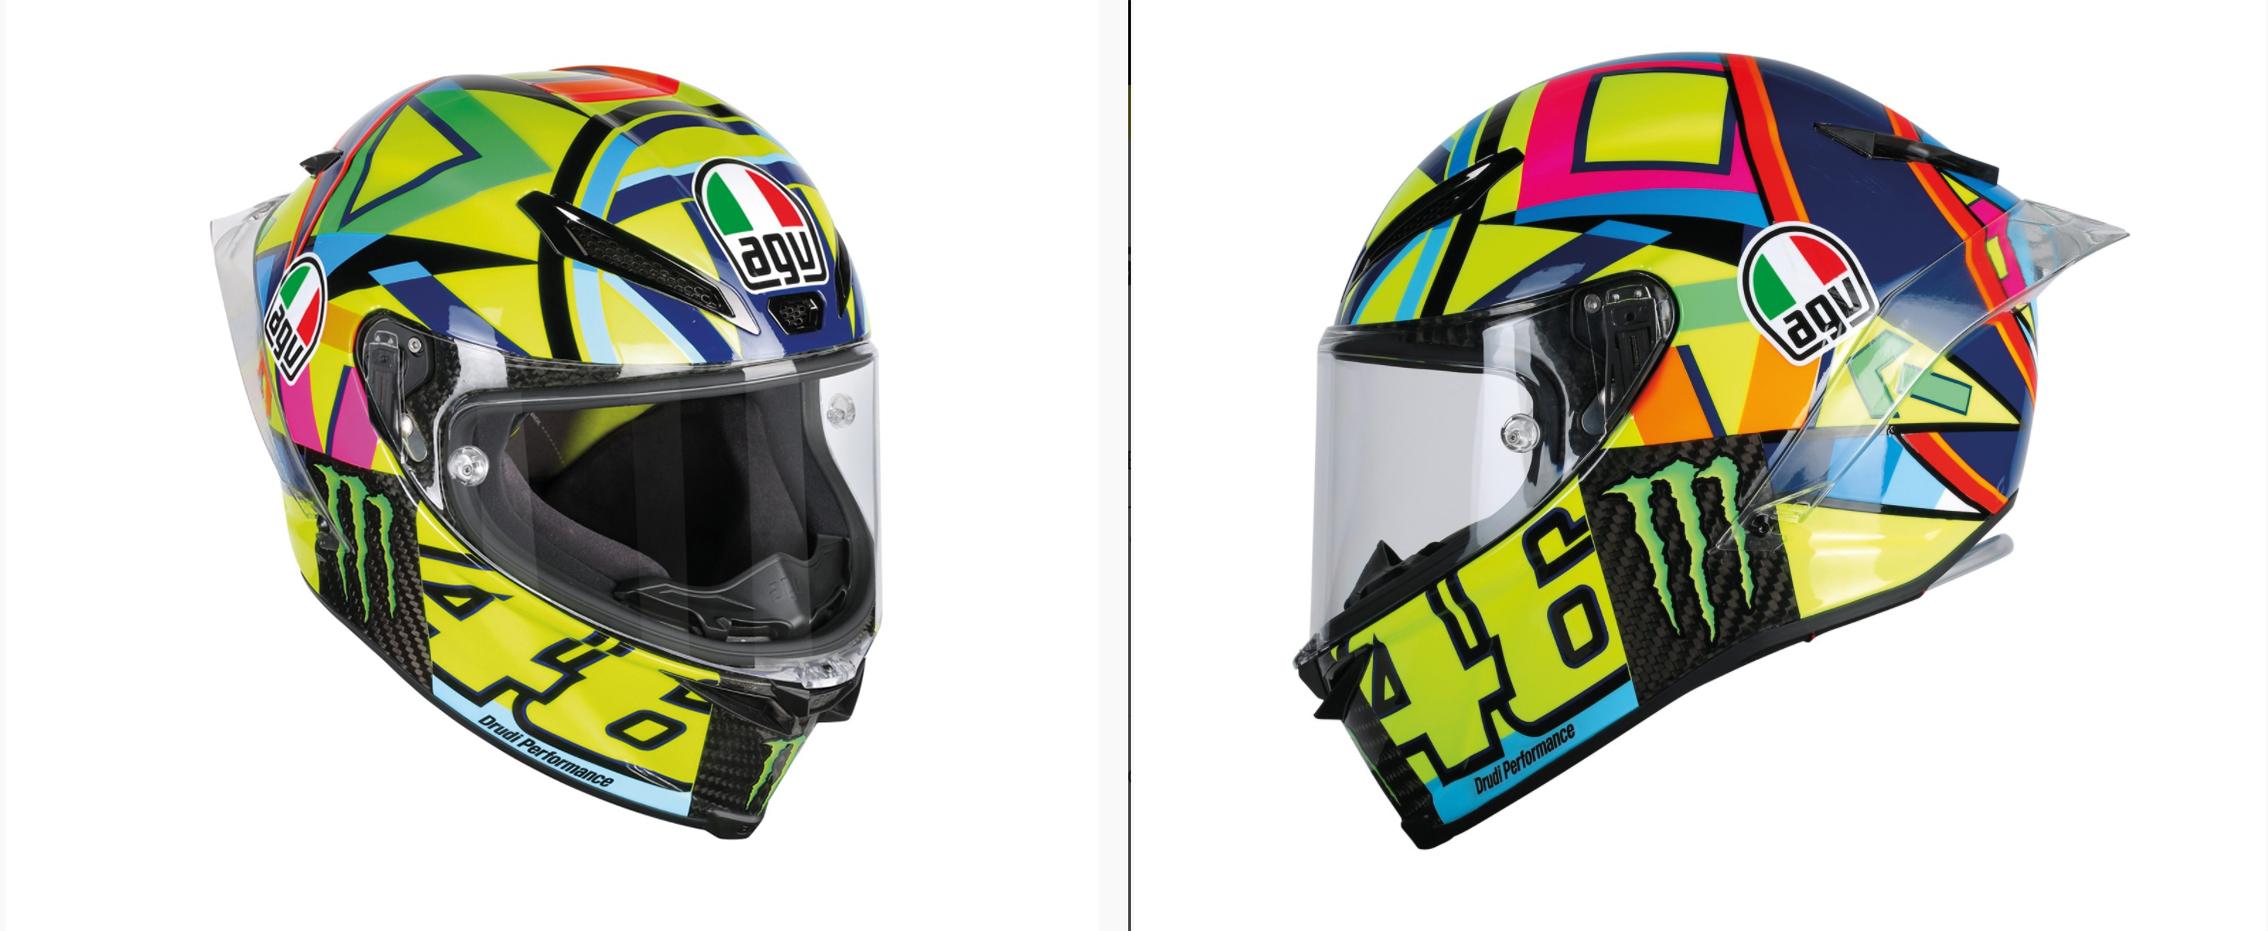 Casco de moto AGV Pista GP R Soleluna: ¿Quieres sentirte como Valentino Rossi?